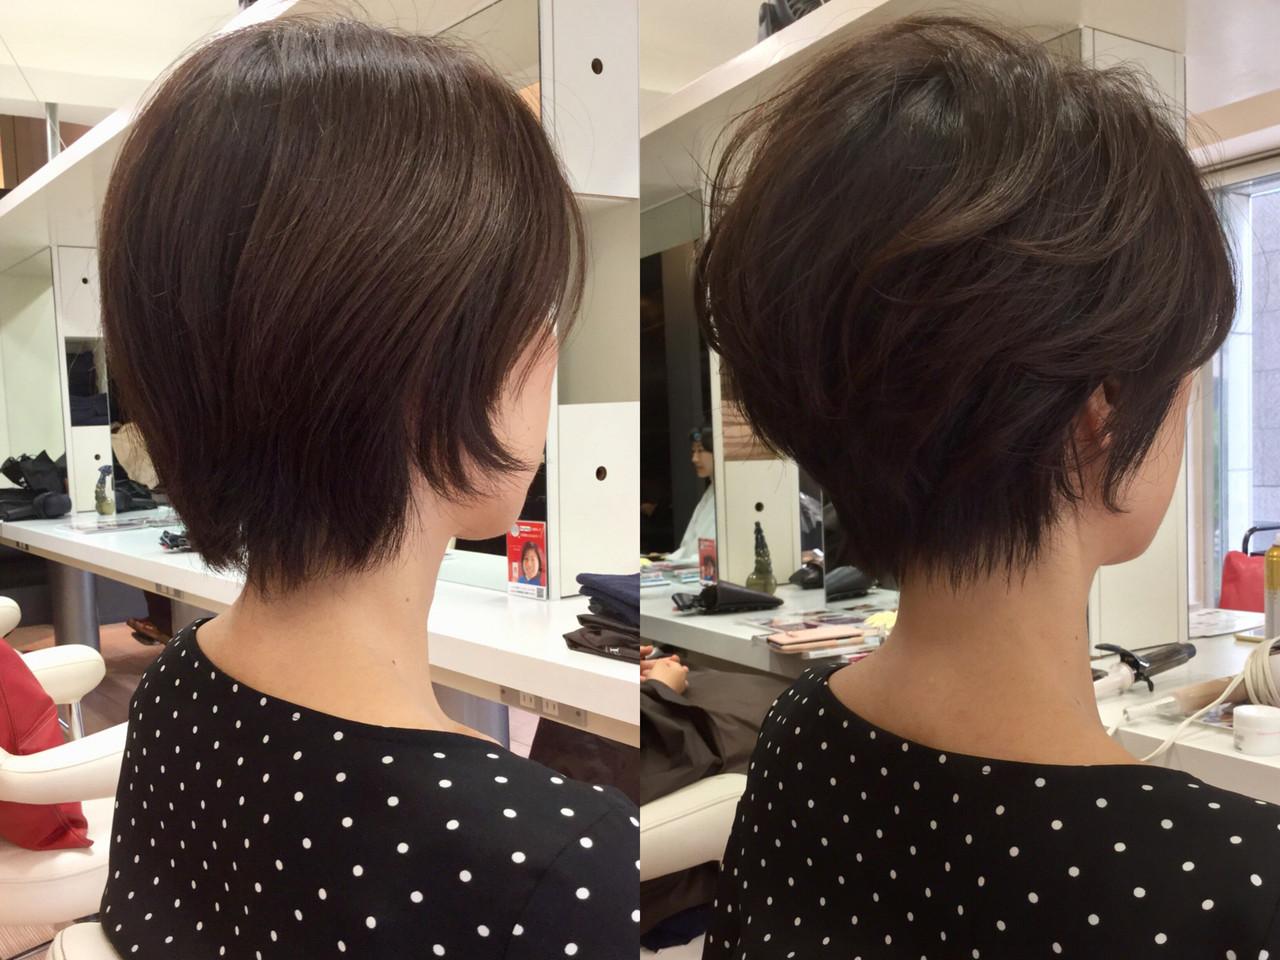 エレガント ベリーショート 小顔ショート ハンサムショート ヘアスタイルや髪型の写真・画像